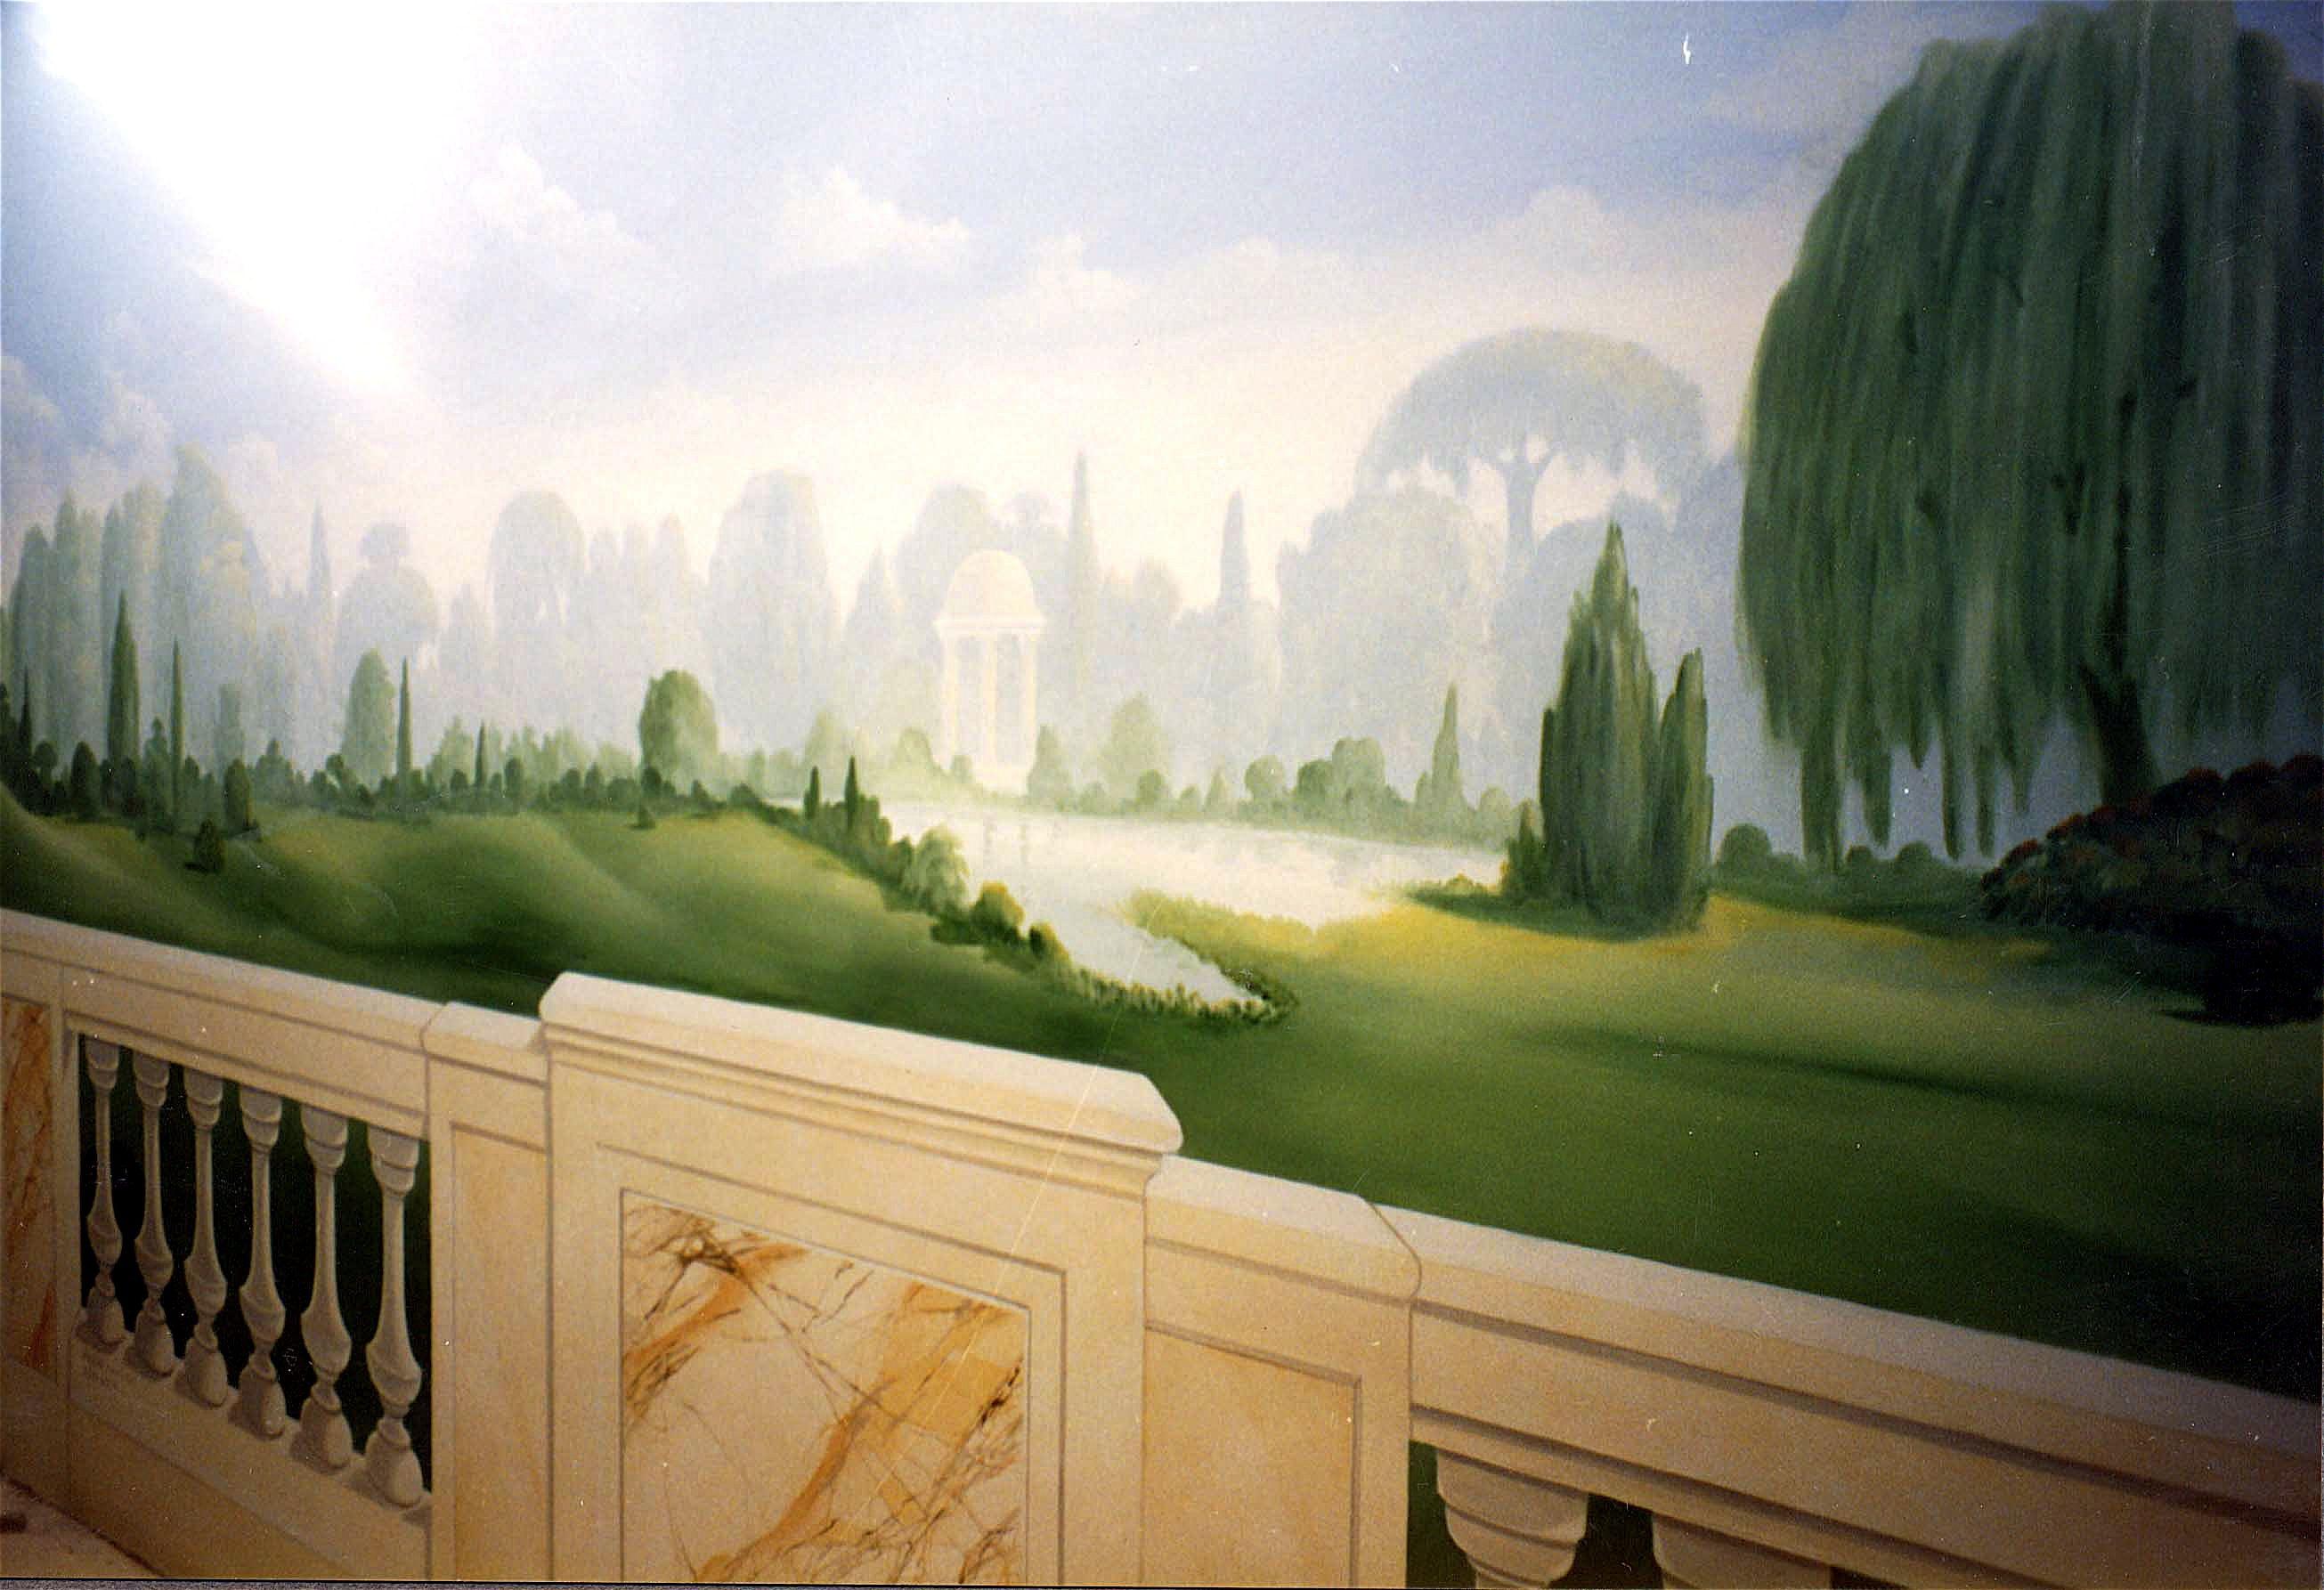 #Wandmalerei #Schwimmbadbau #Schwimmbaddesign #Pooldesign #Wellnessbereich  #Innenarchitektur #Interiordesign #Kunstmalerei